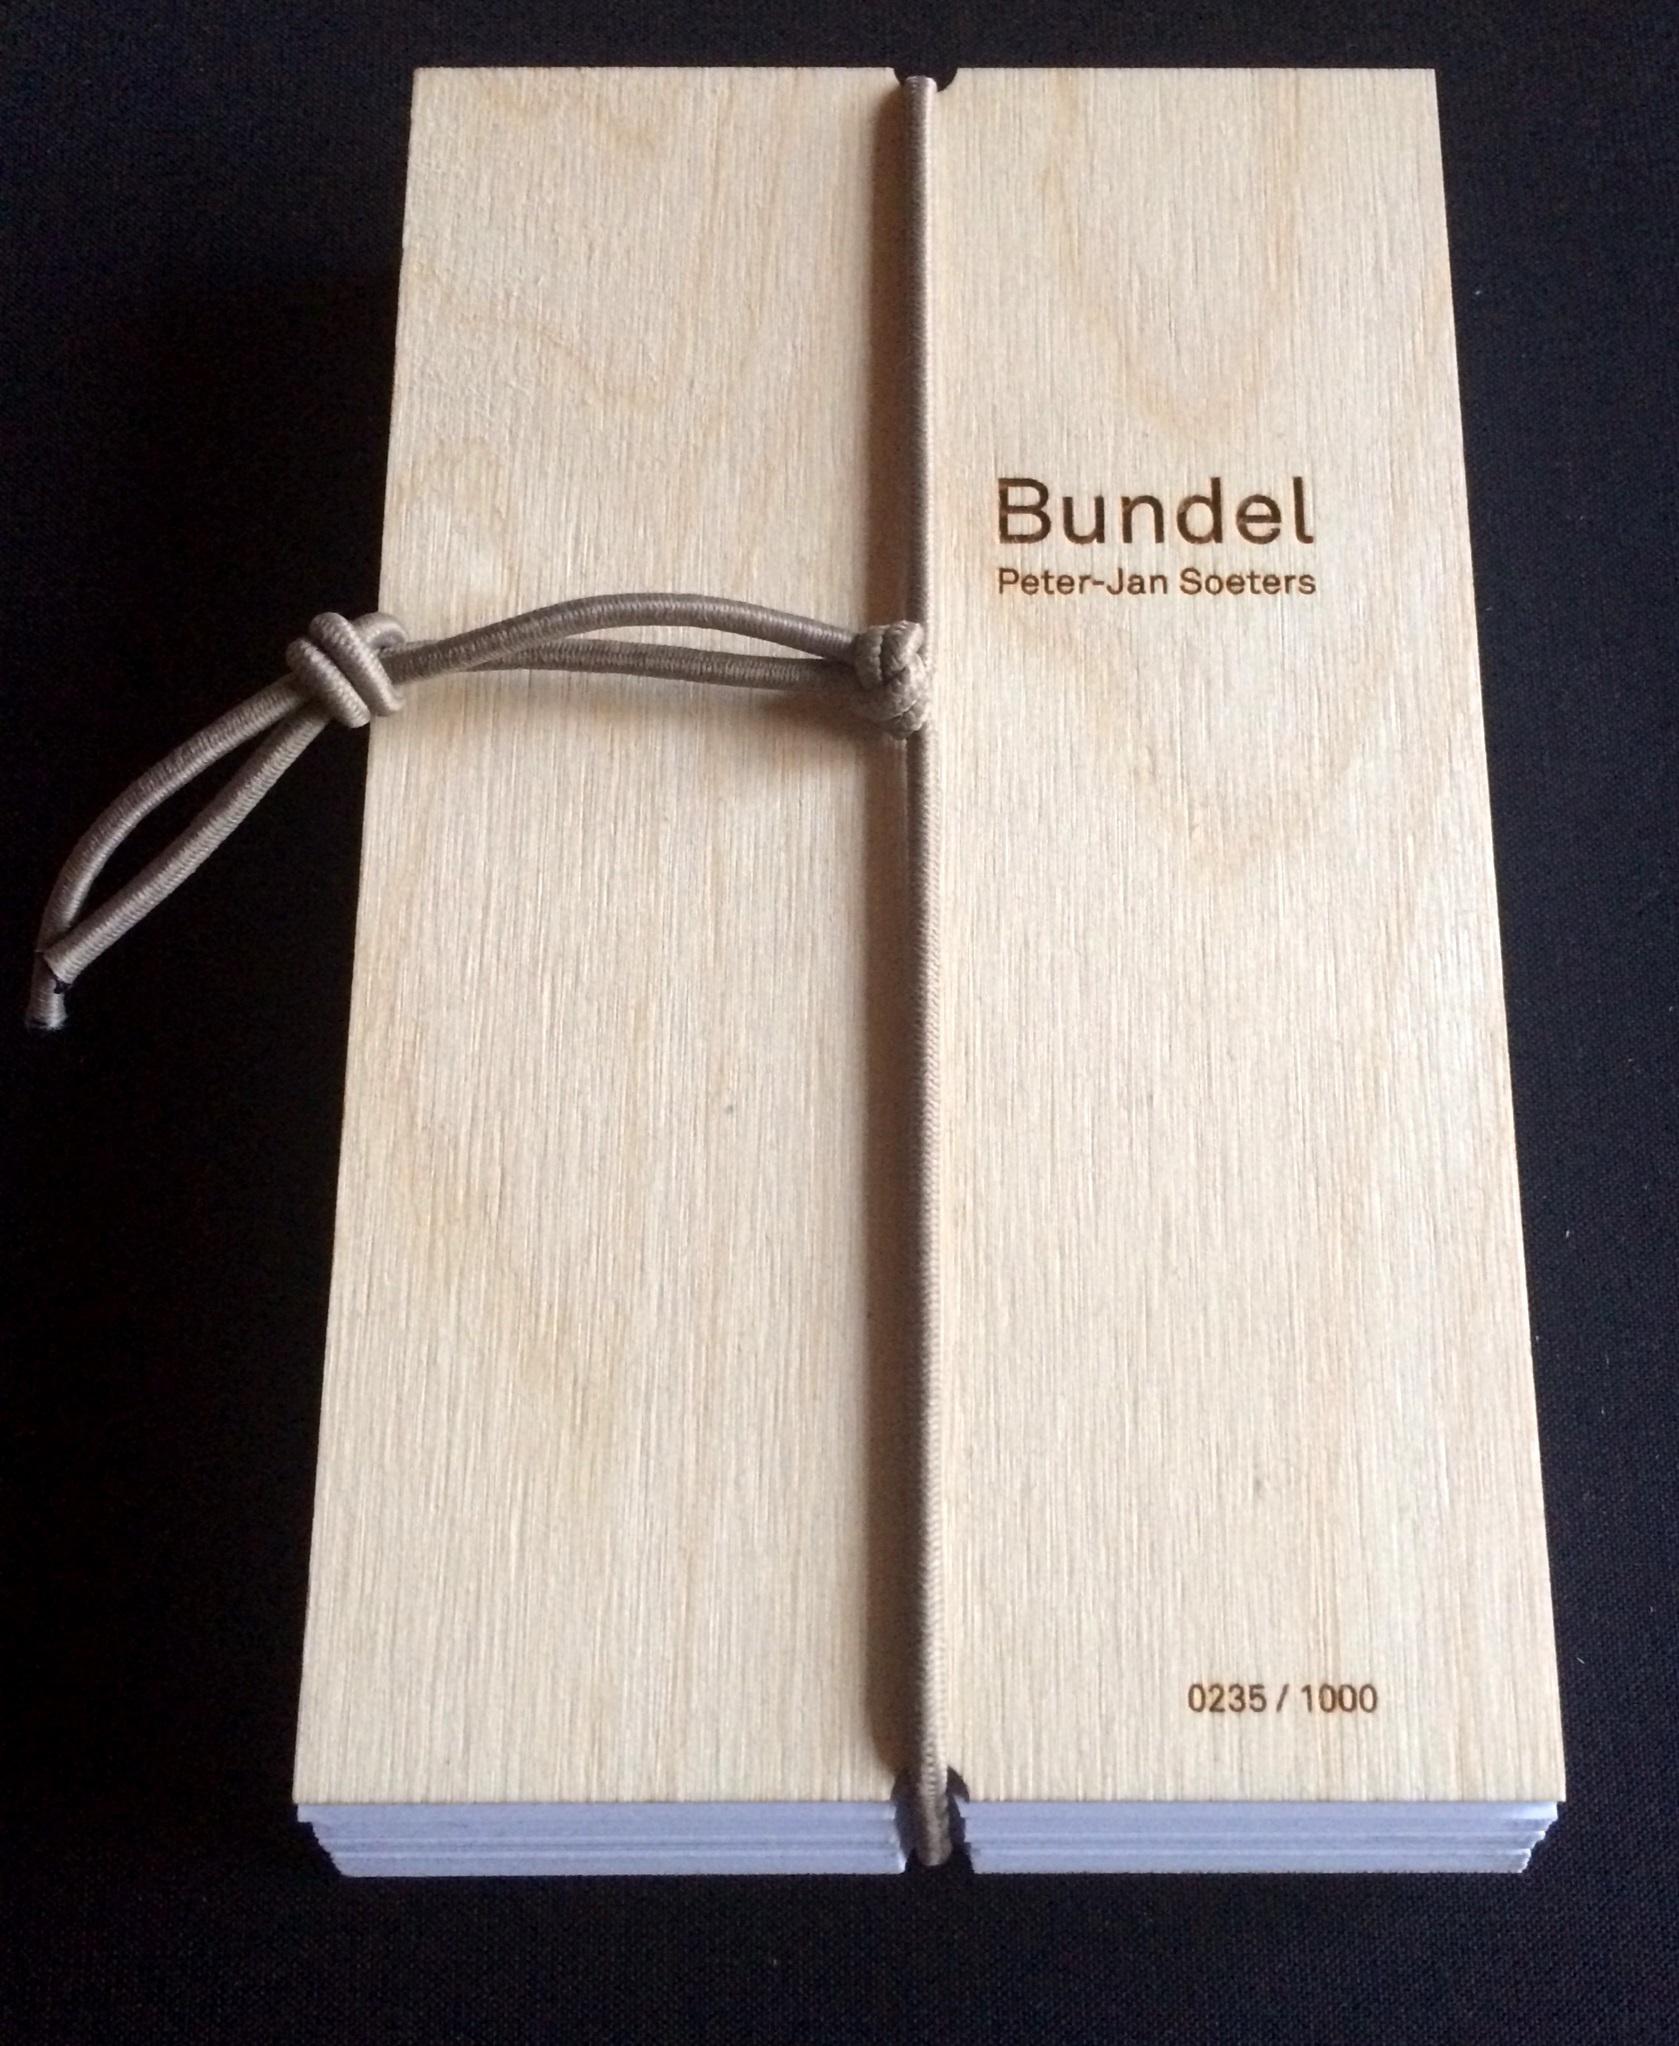 Bundel